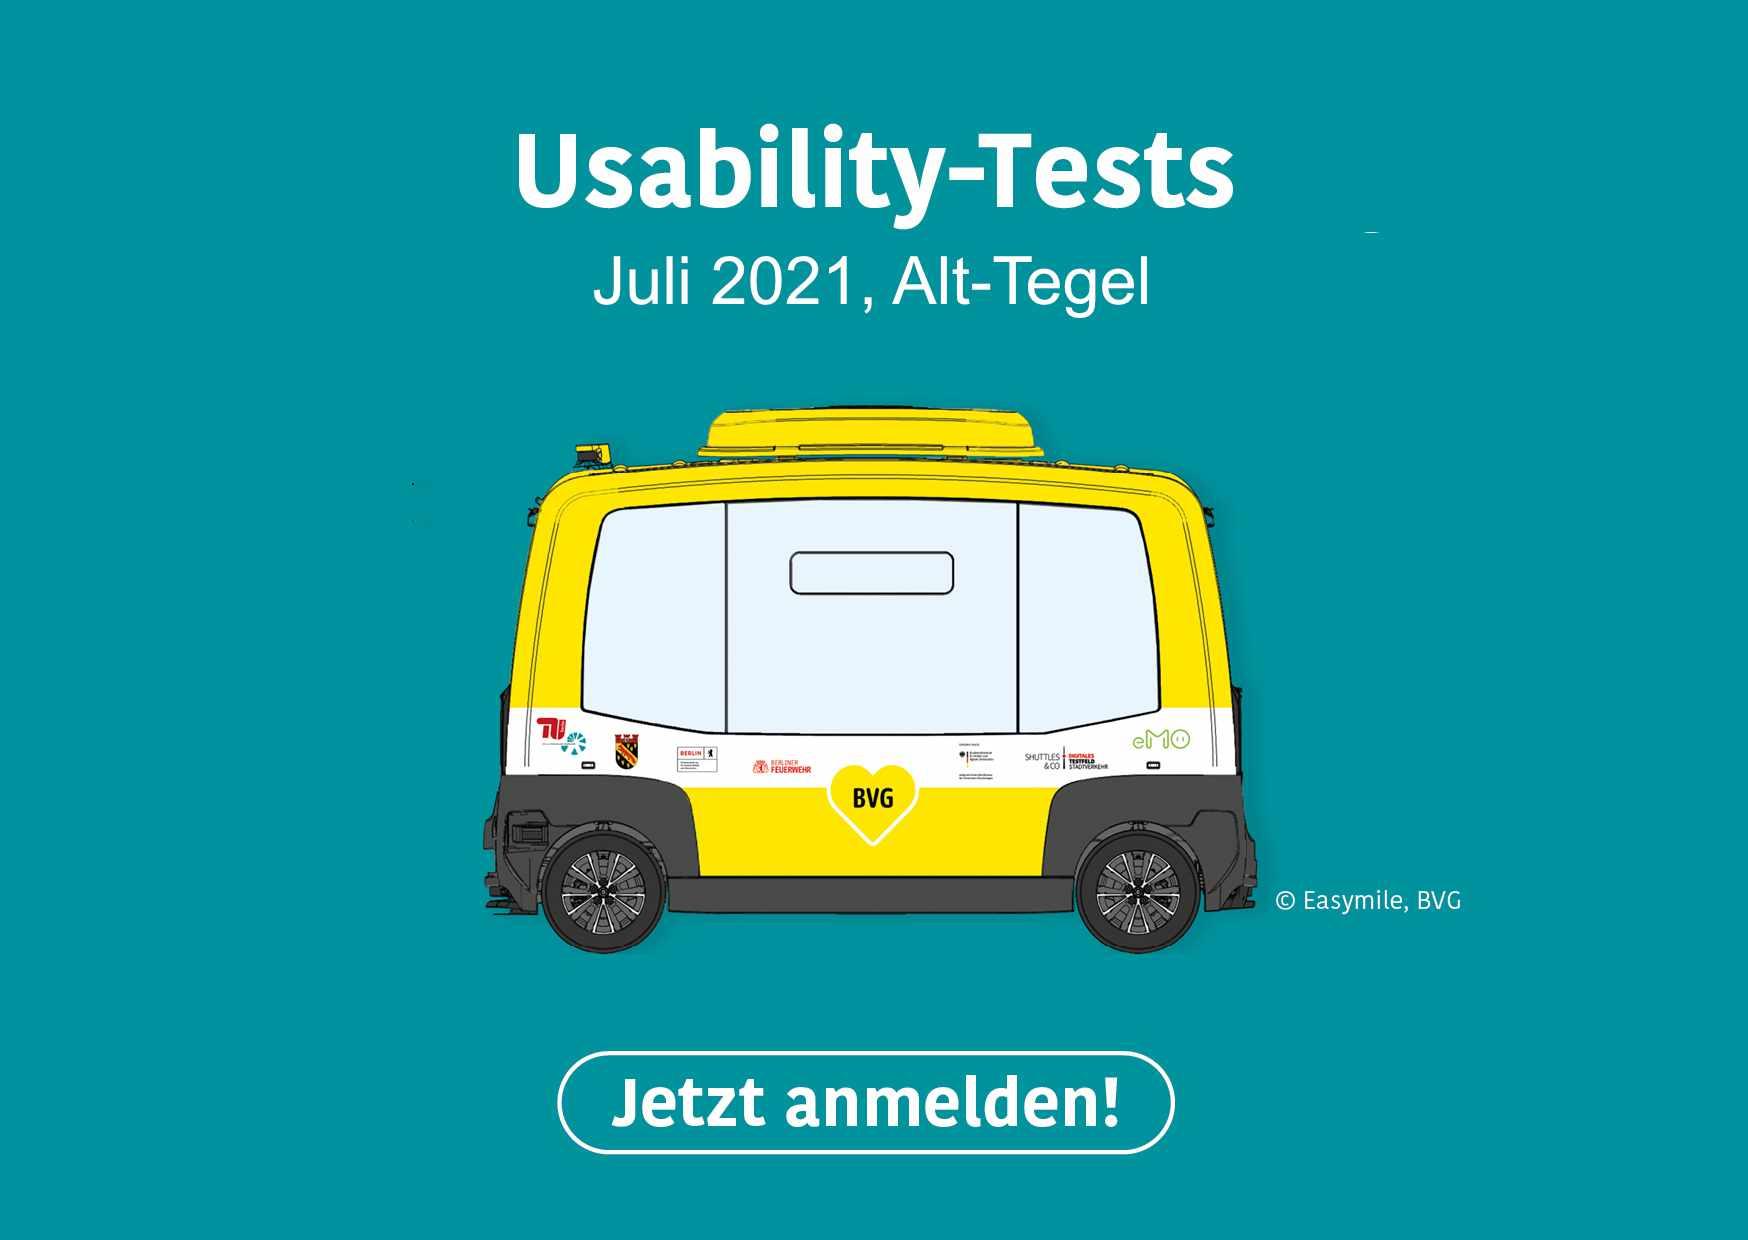 Werbebanner für Usability-Tests ZTG-3